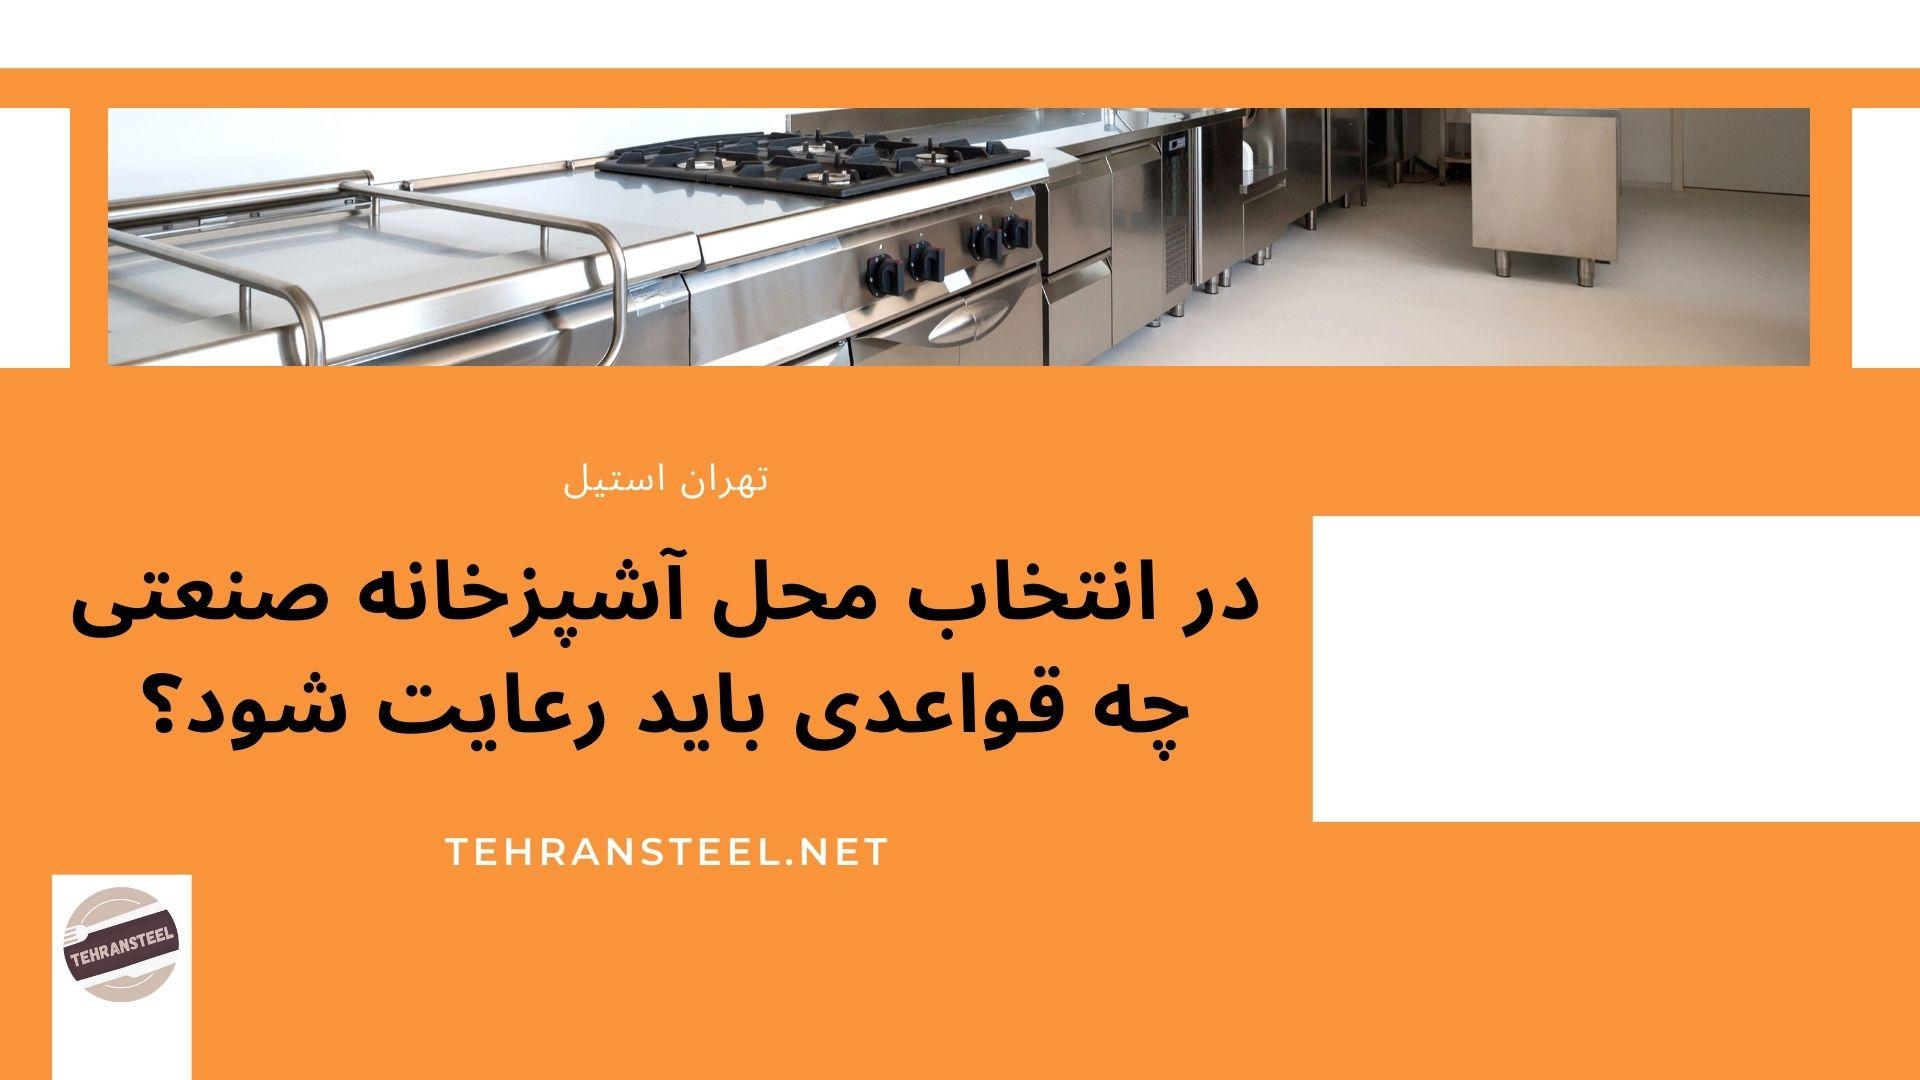 در انتخاب محل آشپزخانه صنعتی چه قواعدی باید رعایت شود؟